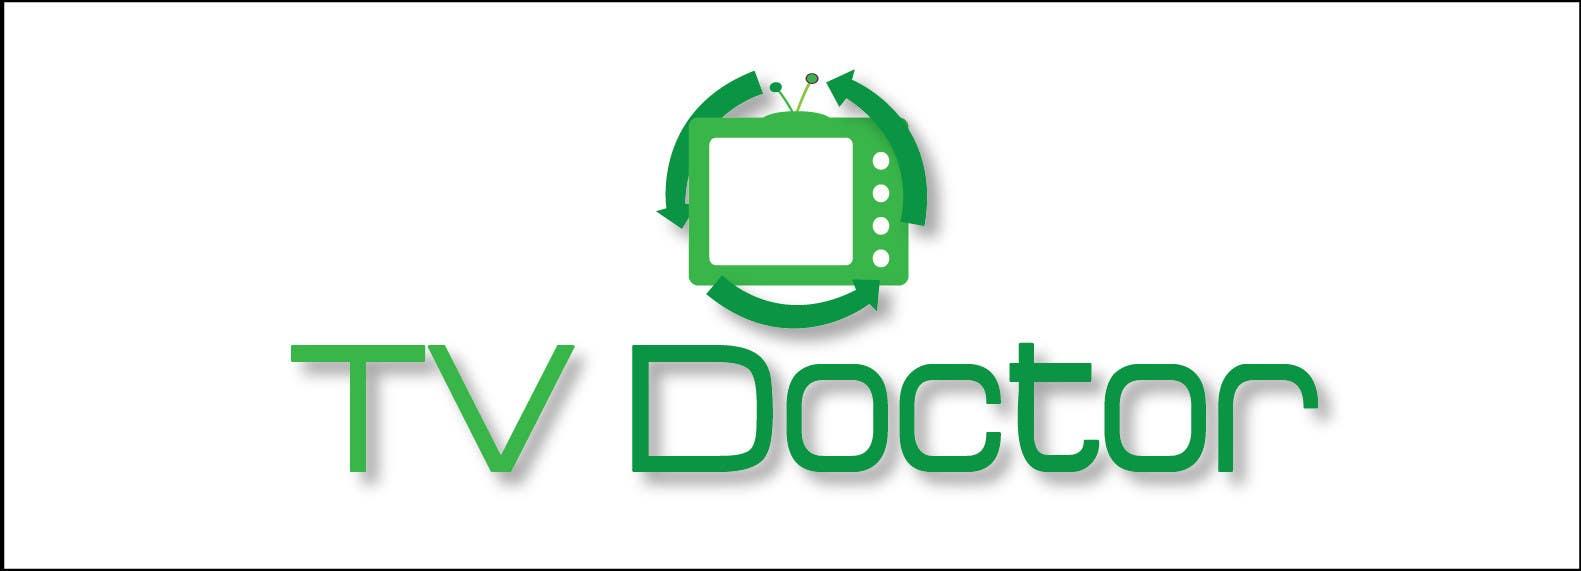 Penyertaan Peraduan #27 untuk Design a Logo for tv doctor recycling